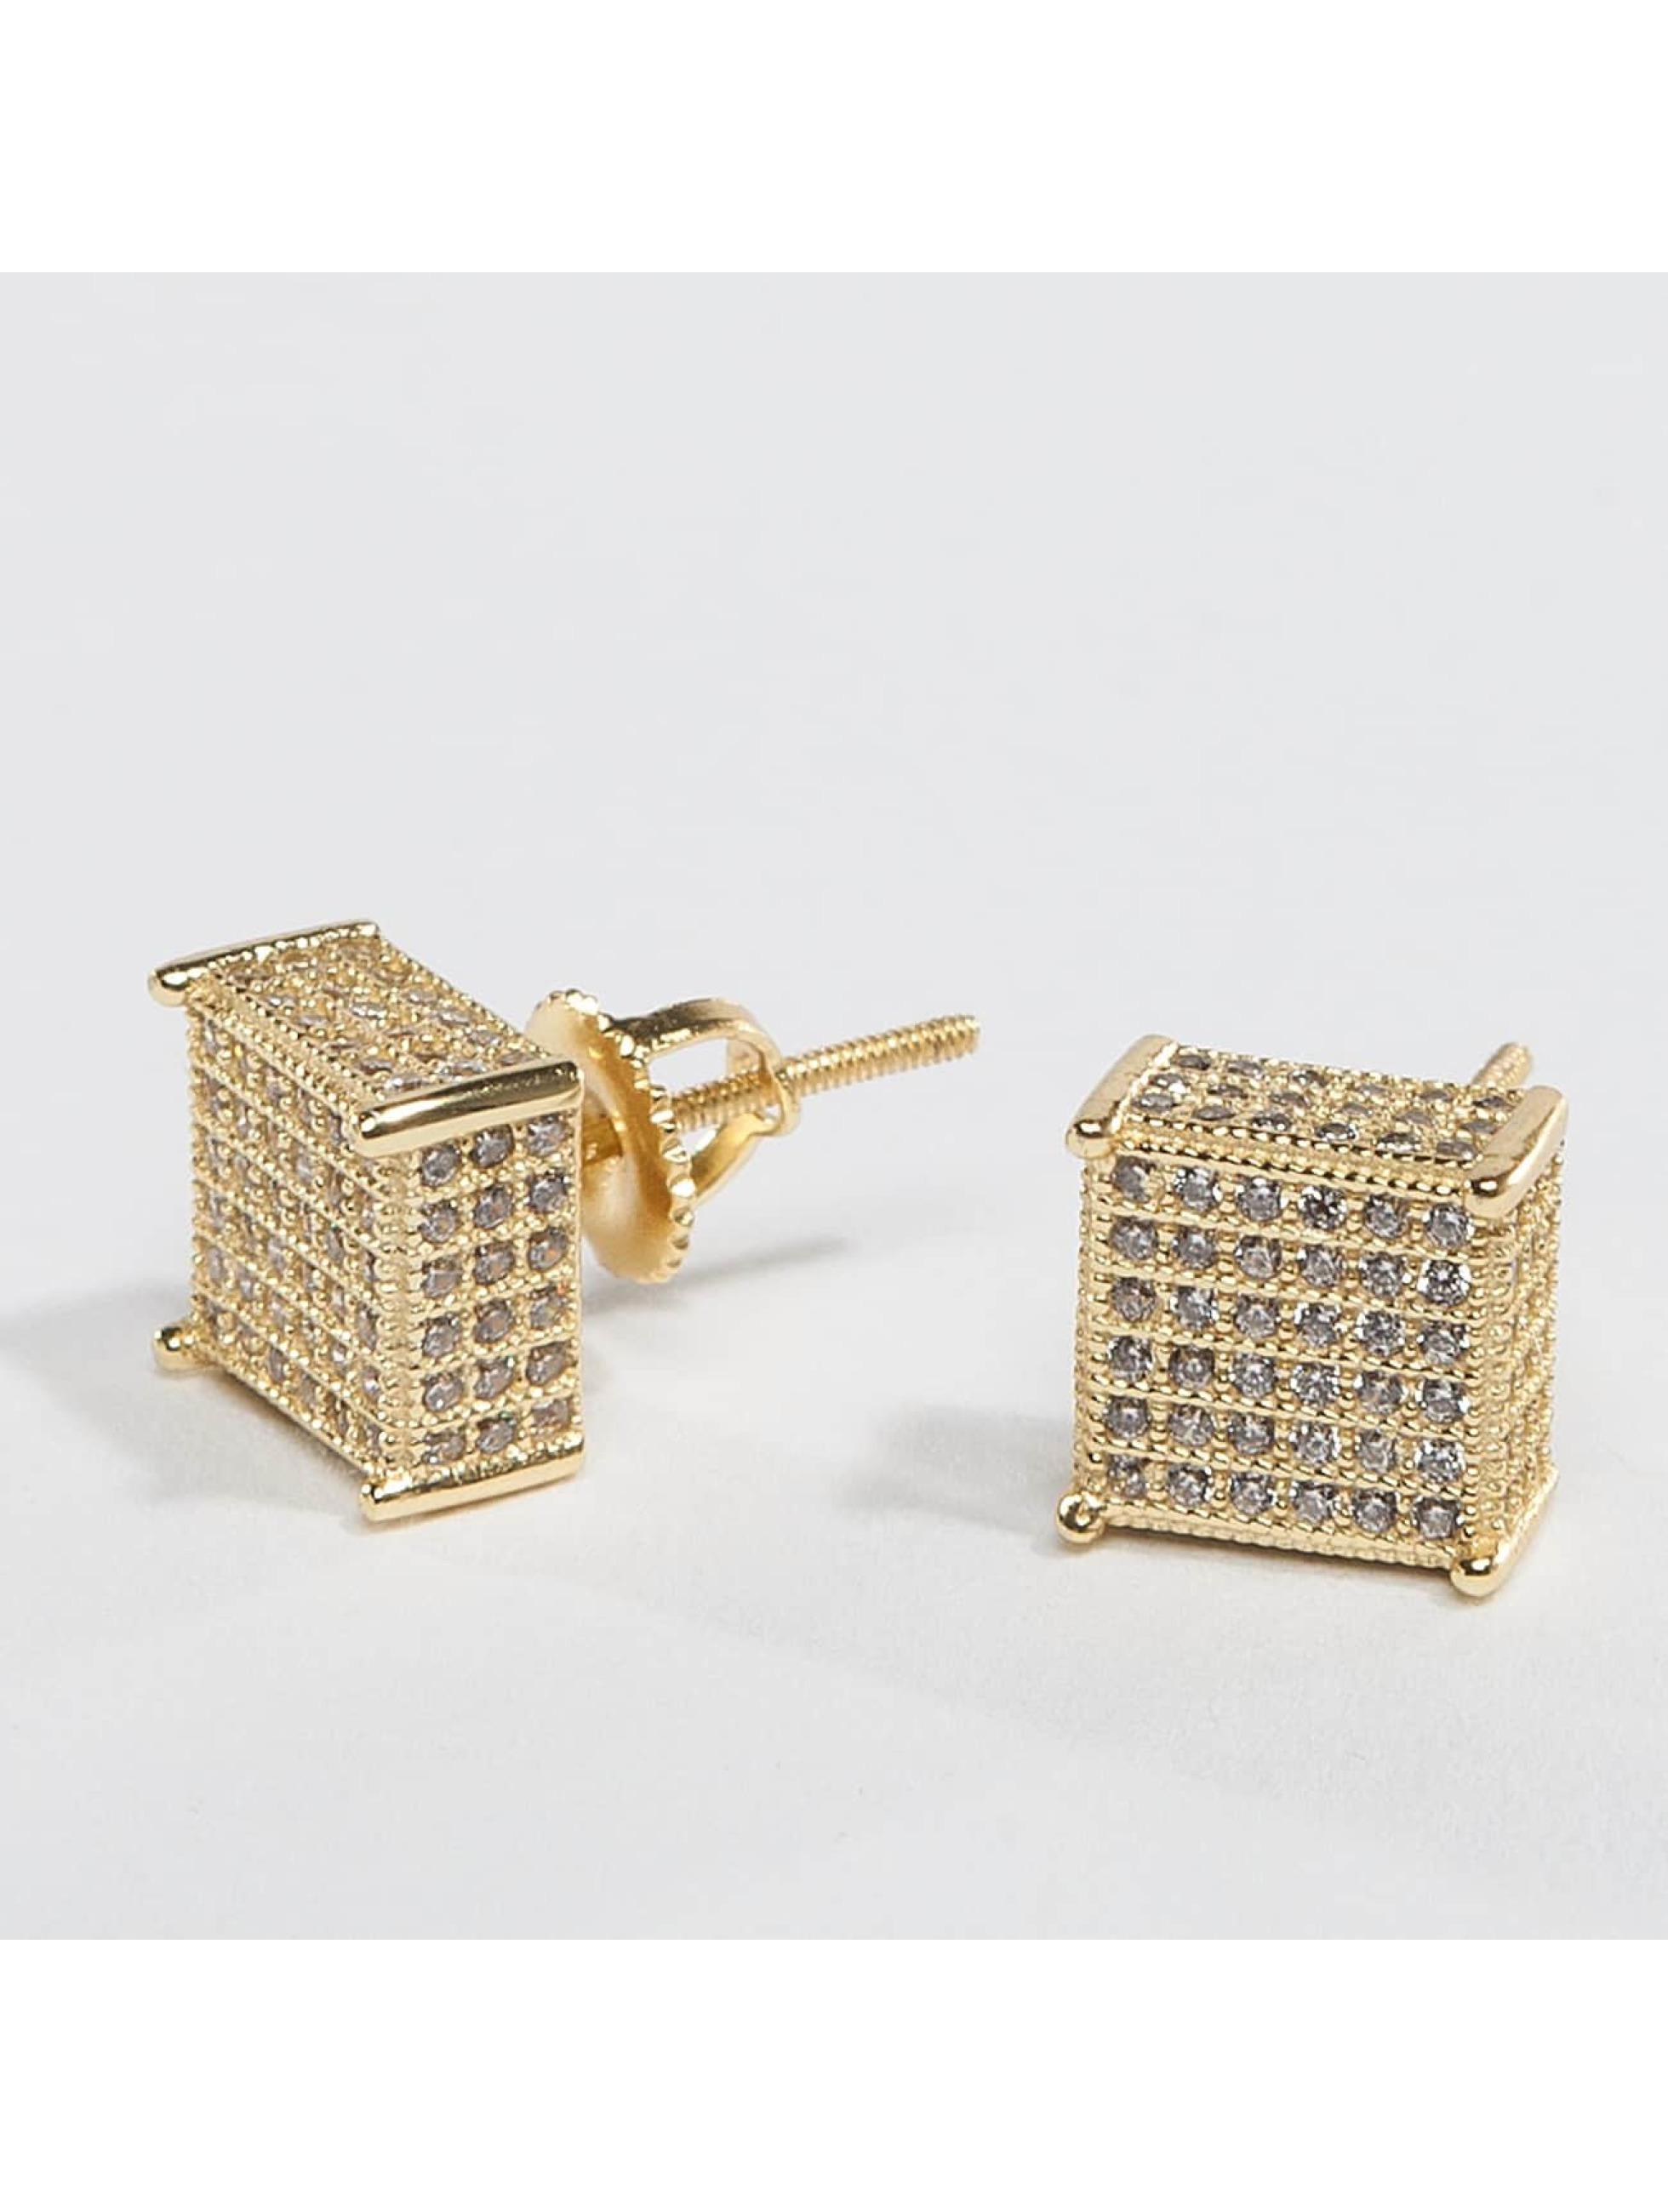 KING ICE Männer,Frauen Ohrringe Gold_Plated 3D Hip Hop in goldfarben